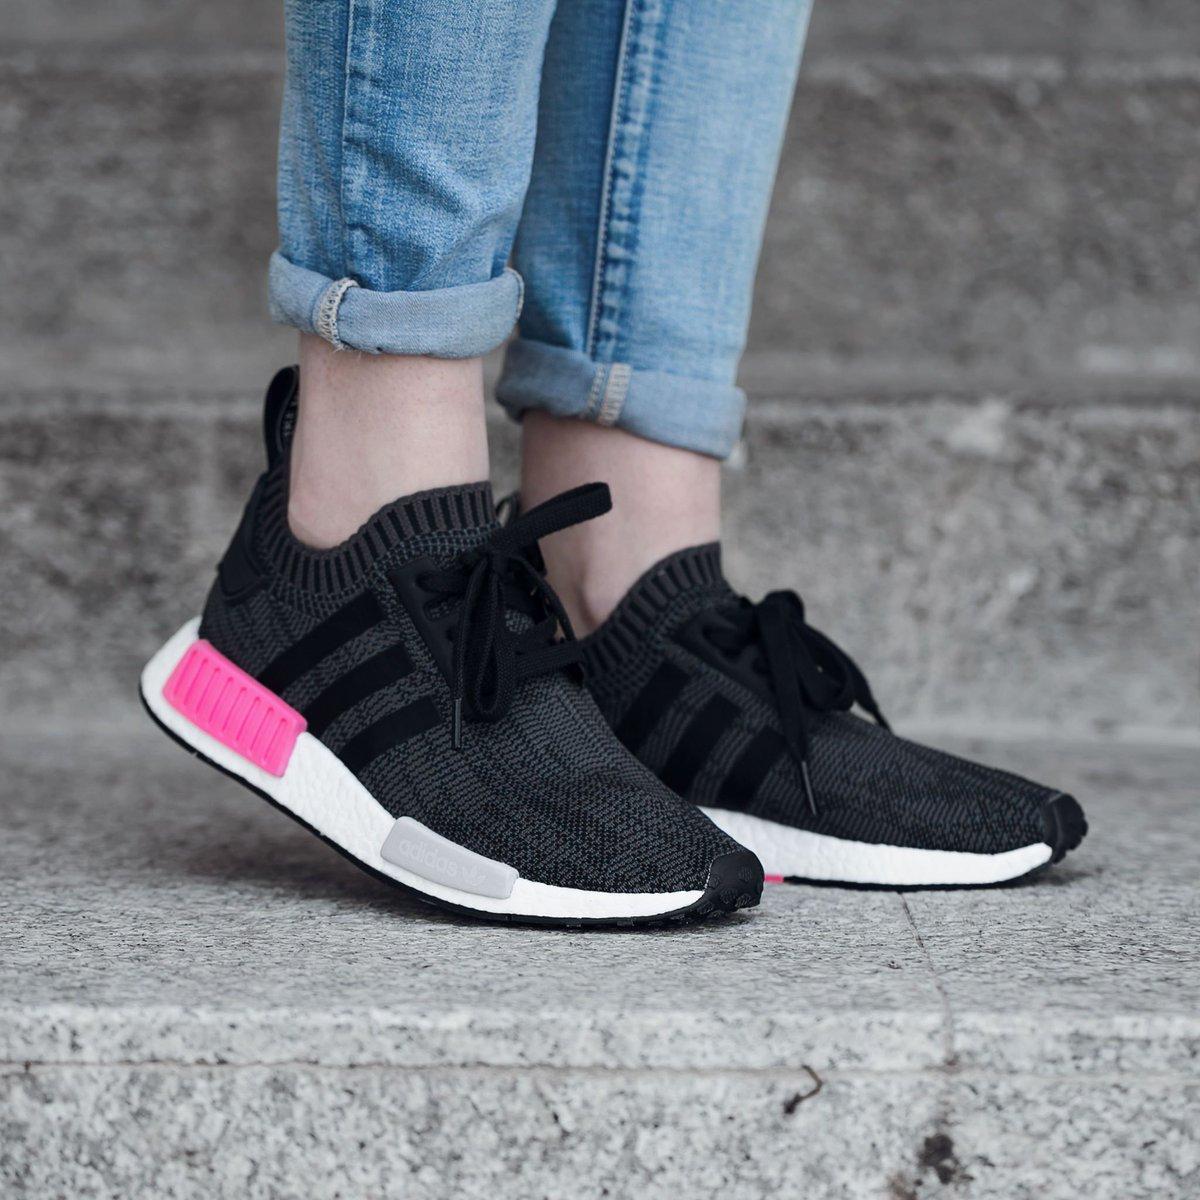 0f14b4a03 ... Sneaker Shouts™ on Twitter  On Sale Women s adidas NMD R1 ...